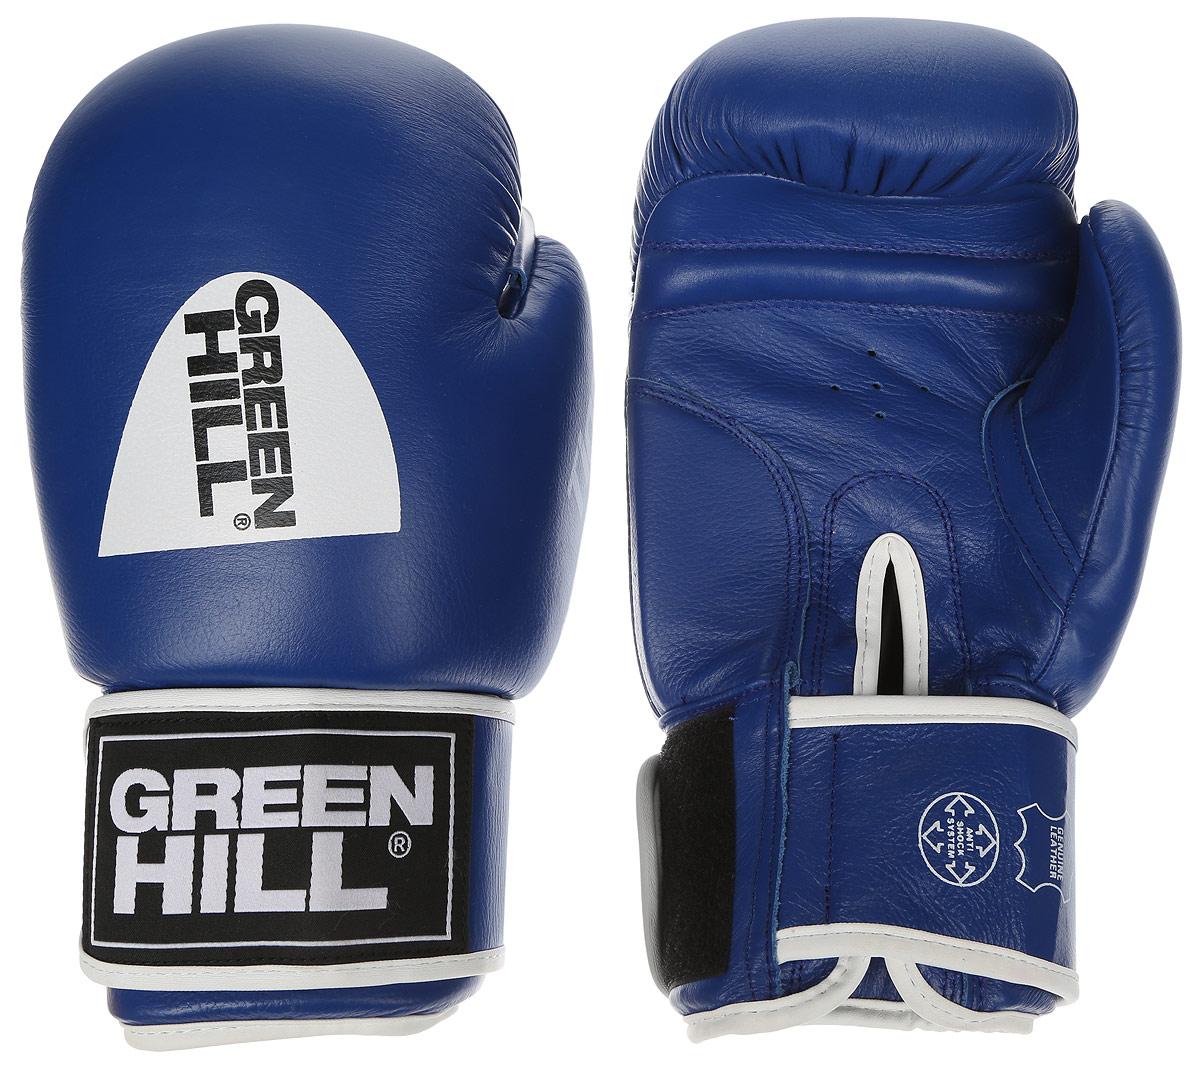 Перчатки боксерские Green Hill Tiger, цвет: синий, белый. Вес 14 унций. BGT-2010сAIRWHEEL M3-162.8Боевые боксерские перчатки Green Hill Tiger применяются как для соревнований, так и для тренировок. Верх выполнен из натуральной кожи, вкладыш - предварительно сформированный пенополиуретан. Манжет на липучке способствует быстрому и удобному надеванию перчаток, плотно фиксирует перчатки на руке. Отверстия в области ладони позволяют создать максимально комфортный терморежим во время занятий.В перчатках применяется технология антинокаут.